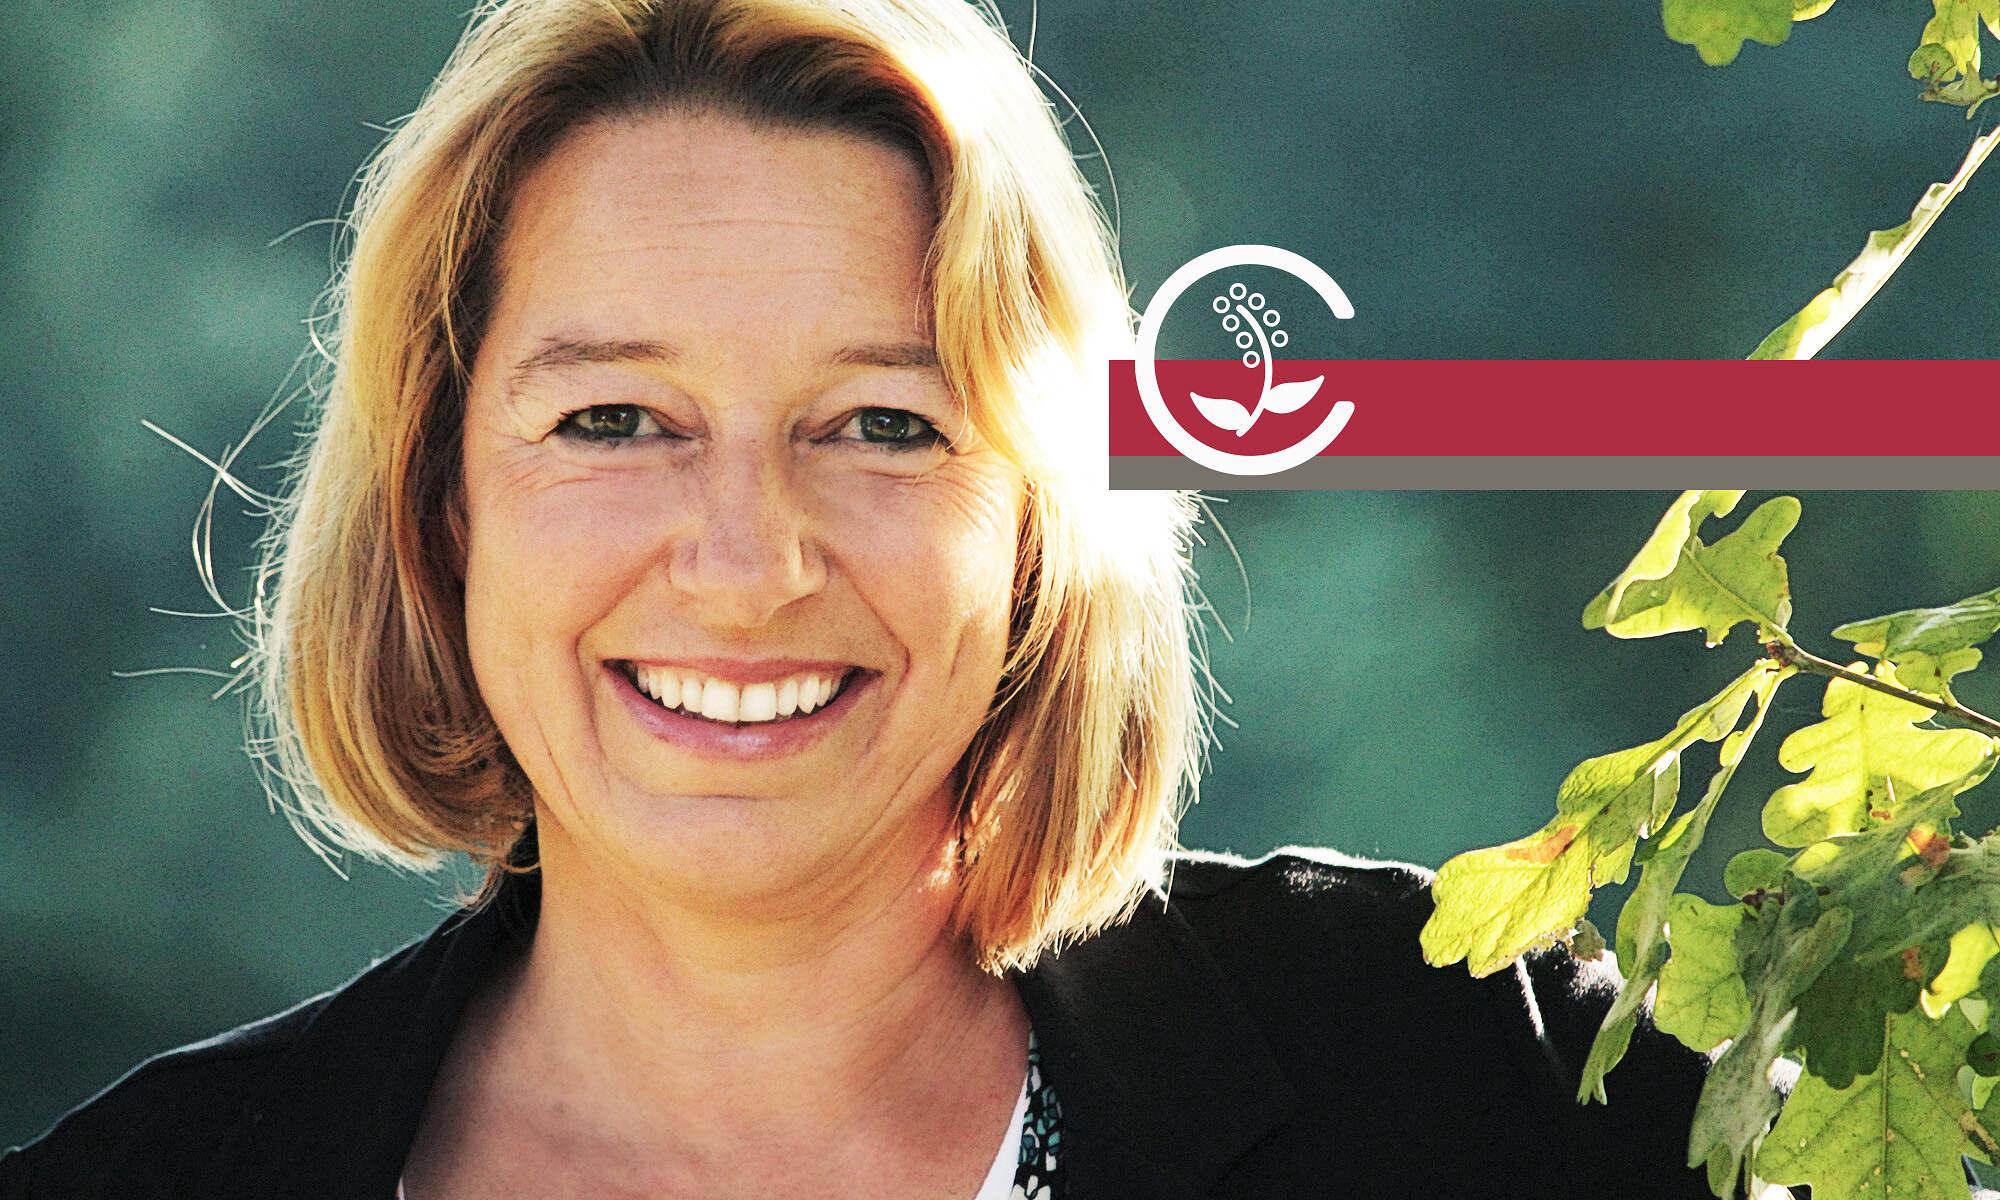 Claudia von Ascheraden